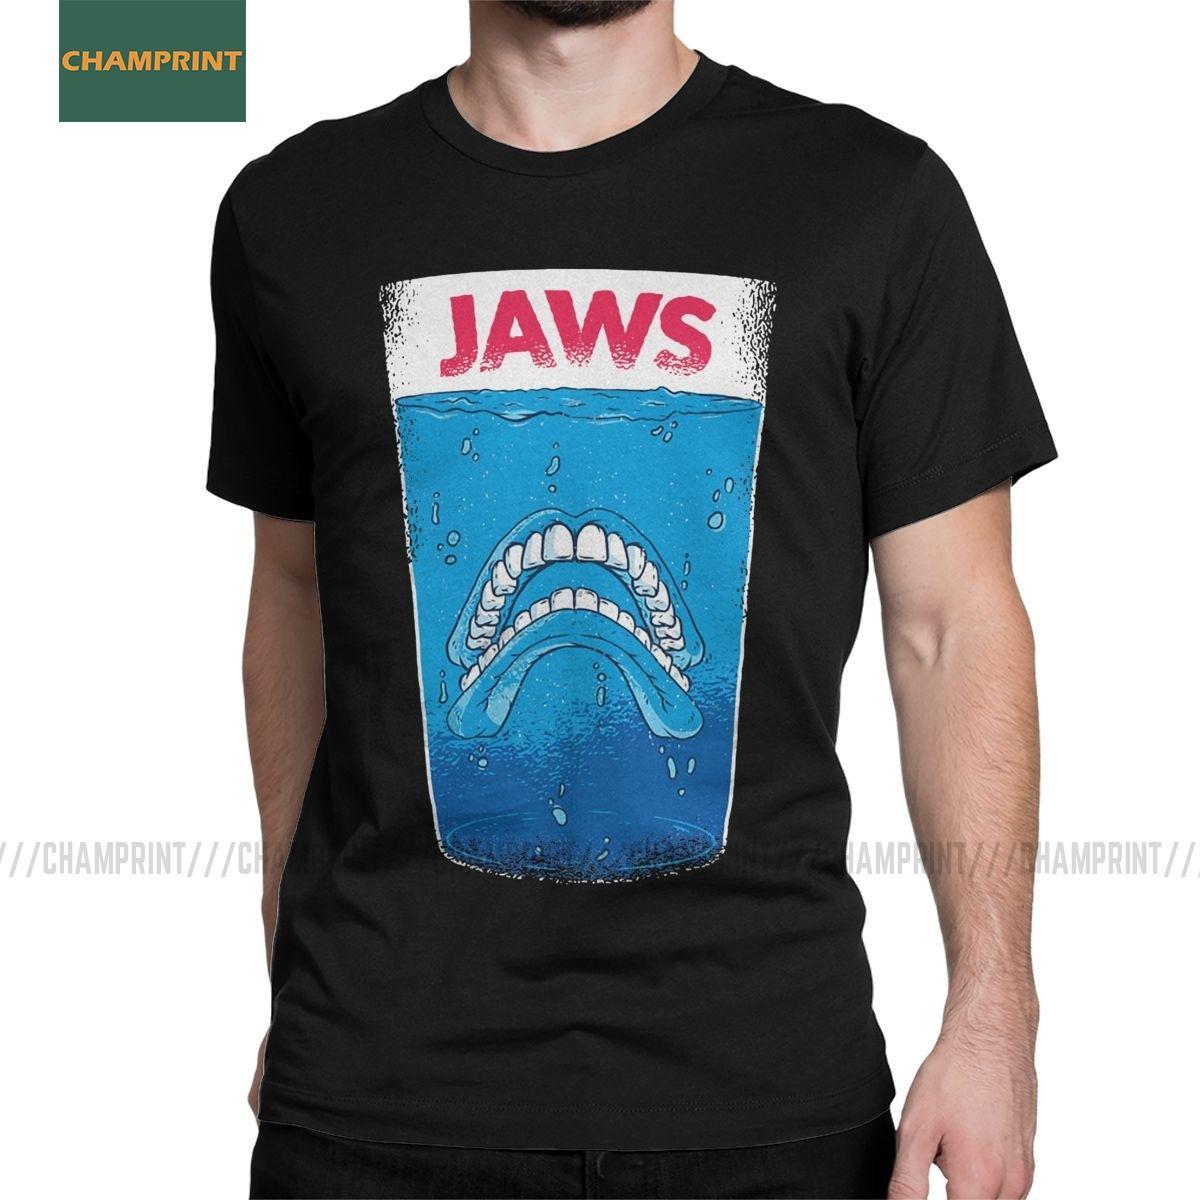 T-shirt do tamanho roupas de algodão de manga curta Tees Além disso, os homens Jaws Dentaduras dentista camiseta Dentistry higienista dental dos dentes do dente